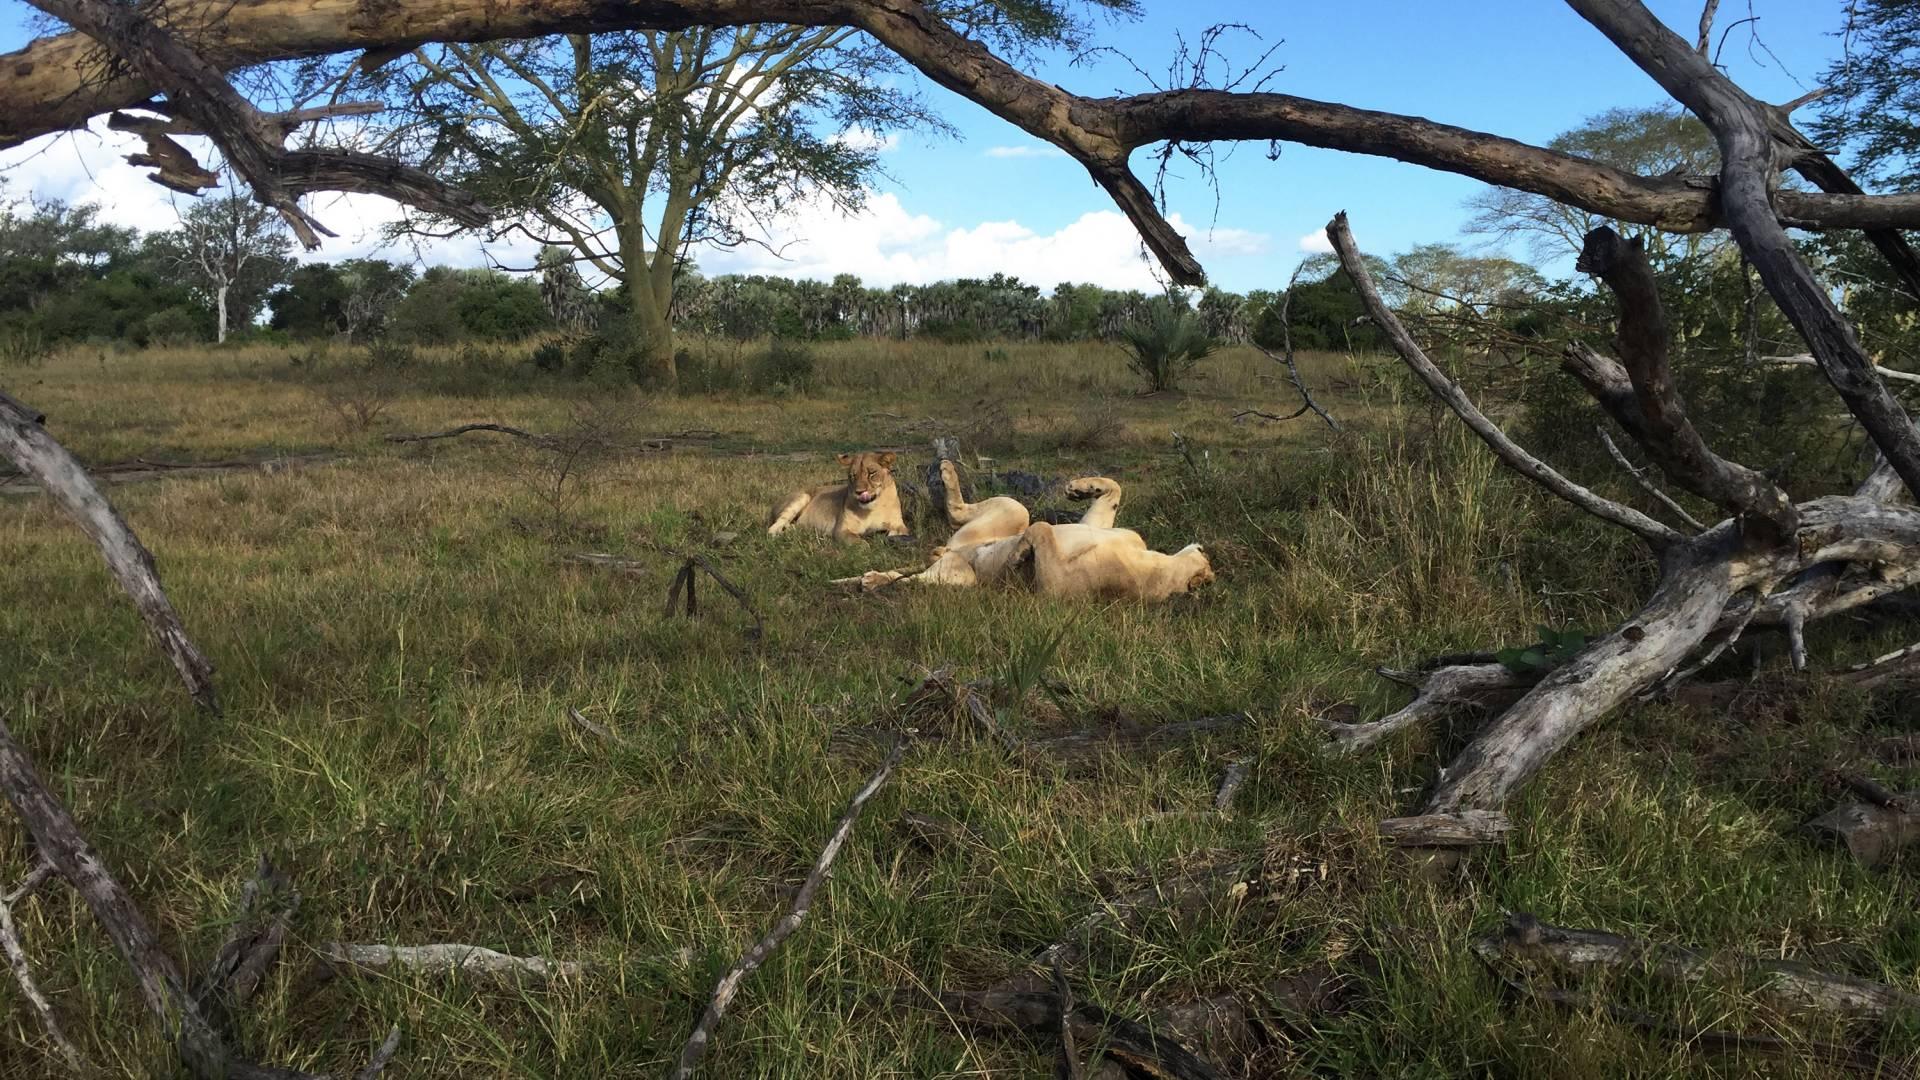 2 lions sprawl in te grass